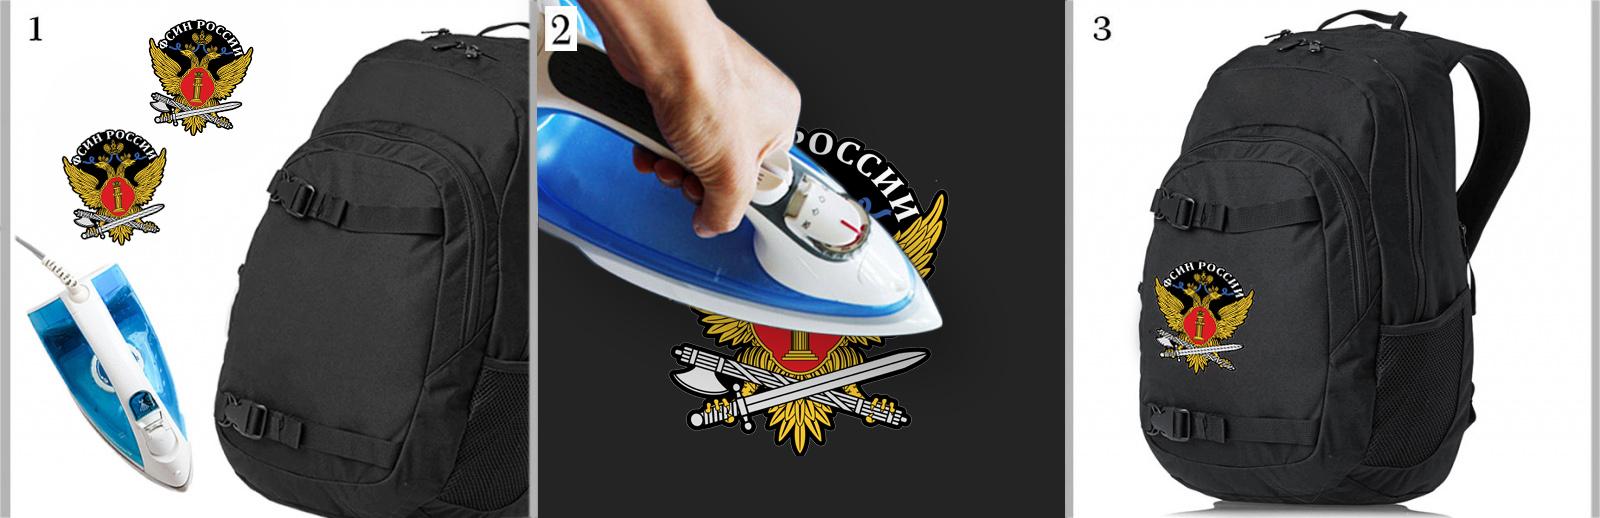 Лучшая термотрансферная картинка ФСИН России - купить онлайн